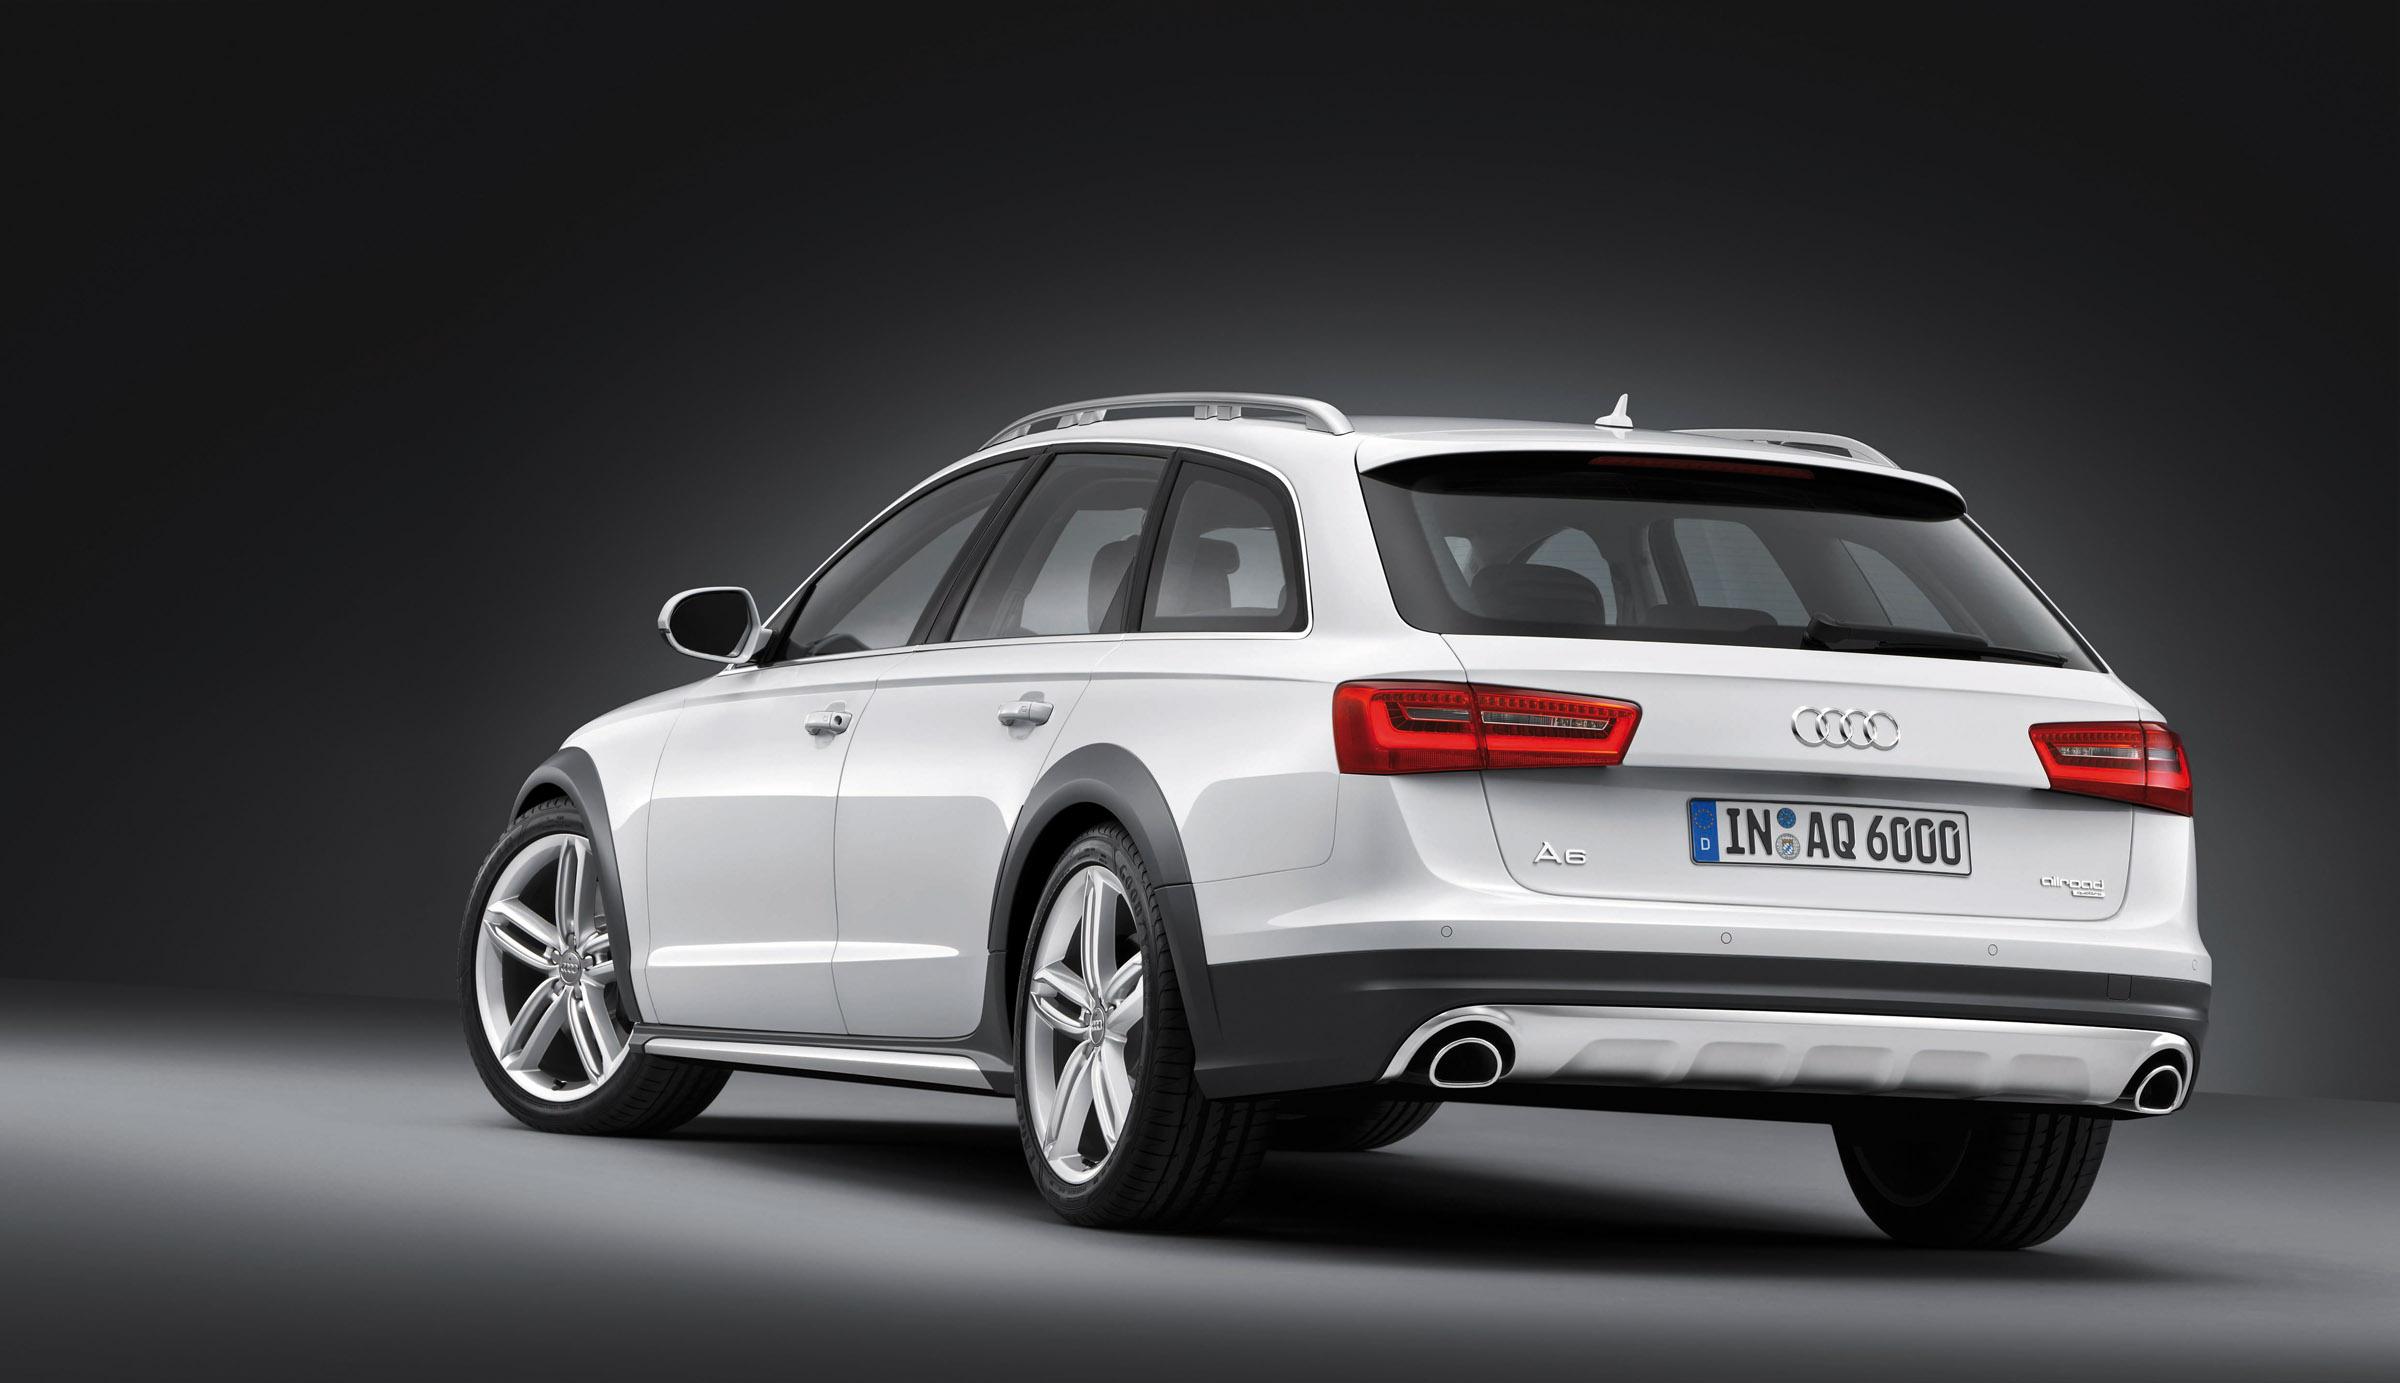 2012 Audi A6 Allroad Quattro Price 54 600